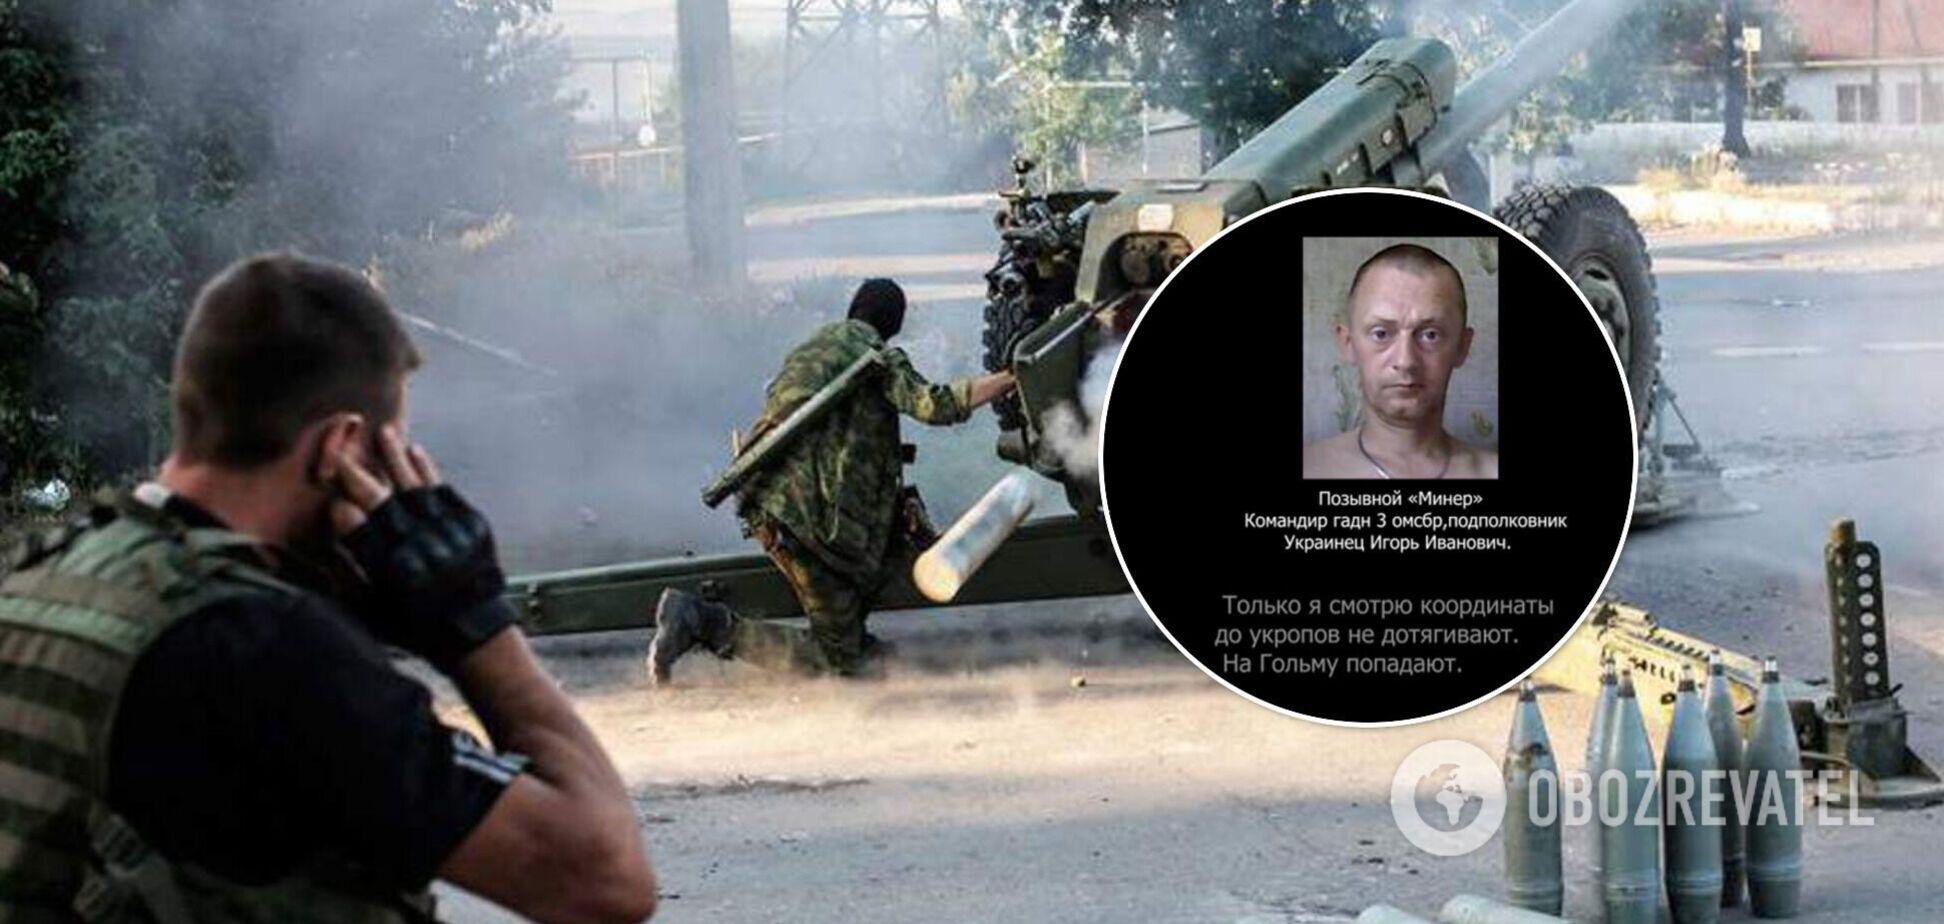 Оккупанты на Донбассе обстреляли поселок с гражданскими: журналист опубликовал запись переговоров